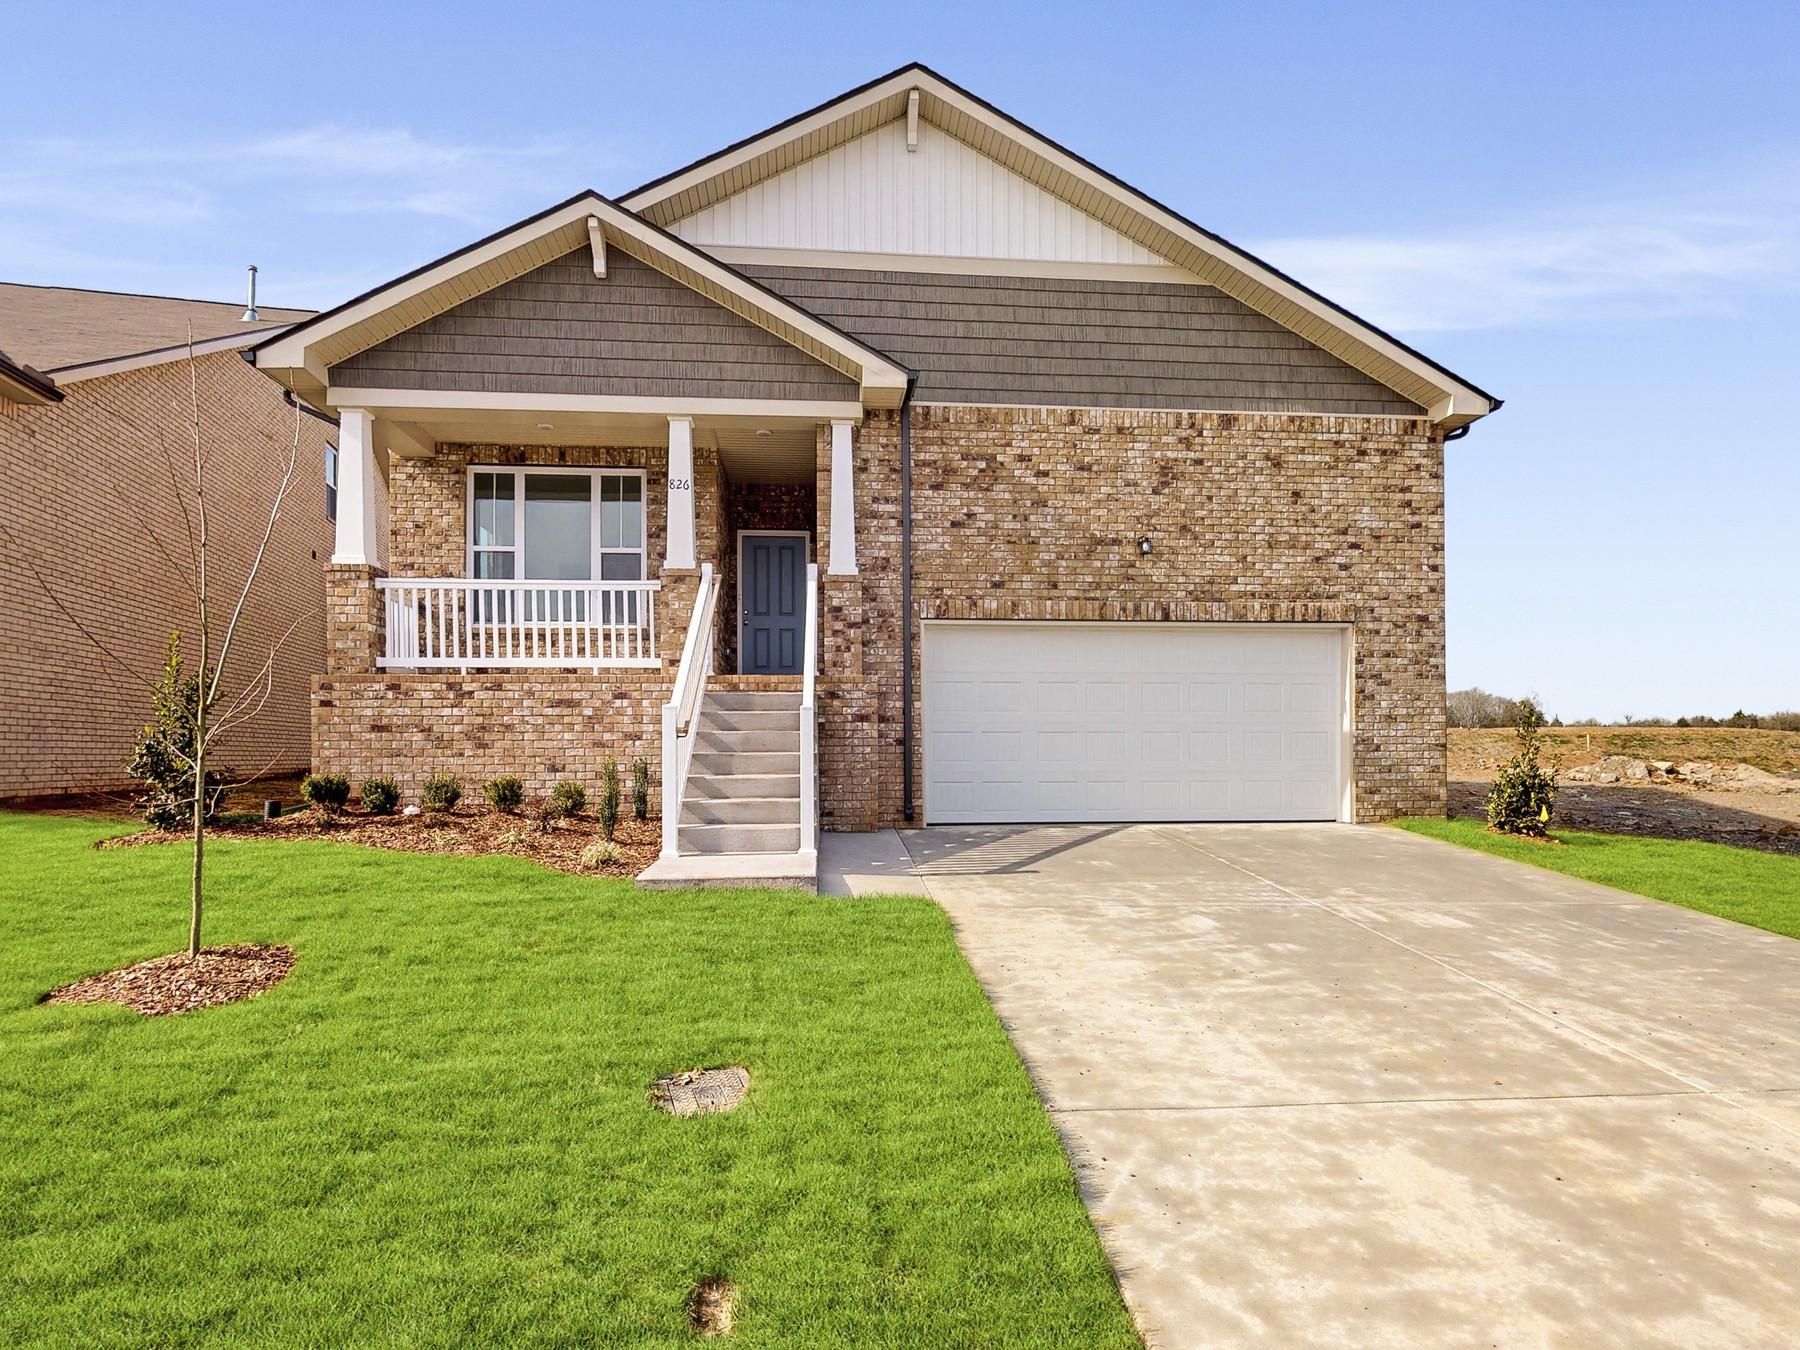 802 Carnation Drive Lot 122, Smyrna, TN 37167 - Smyrna, TN real estate listing